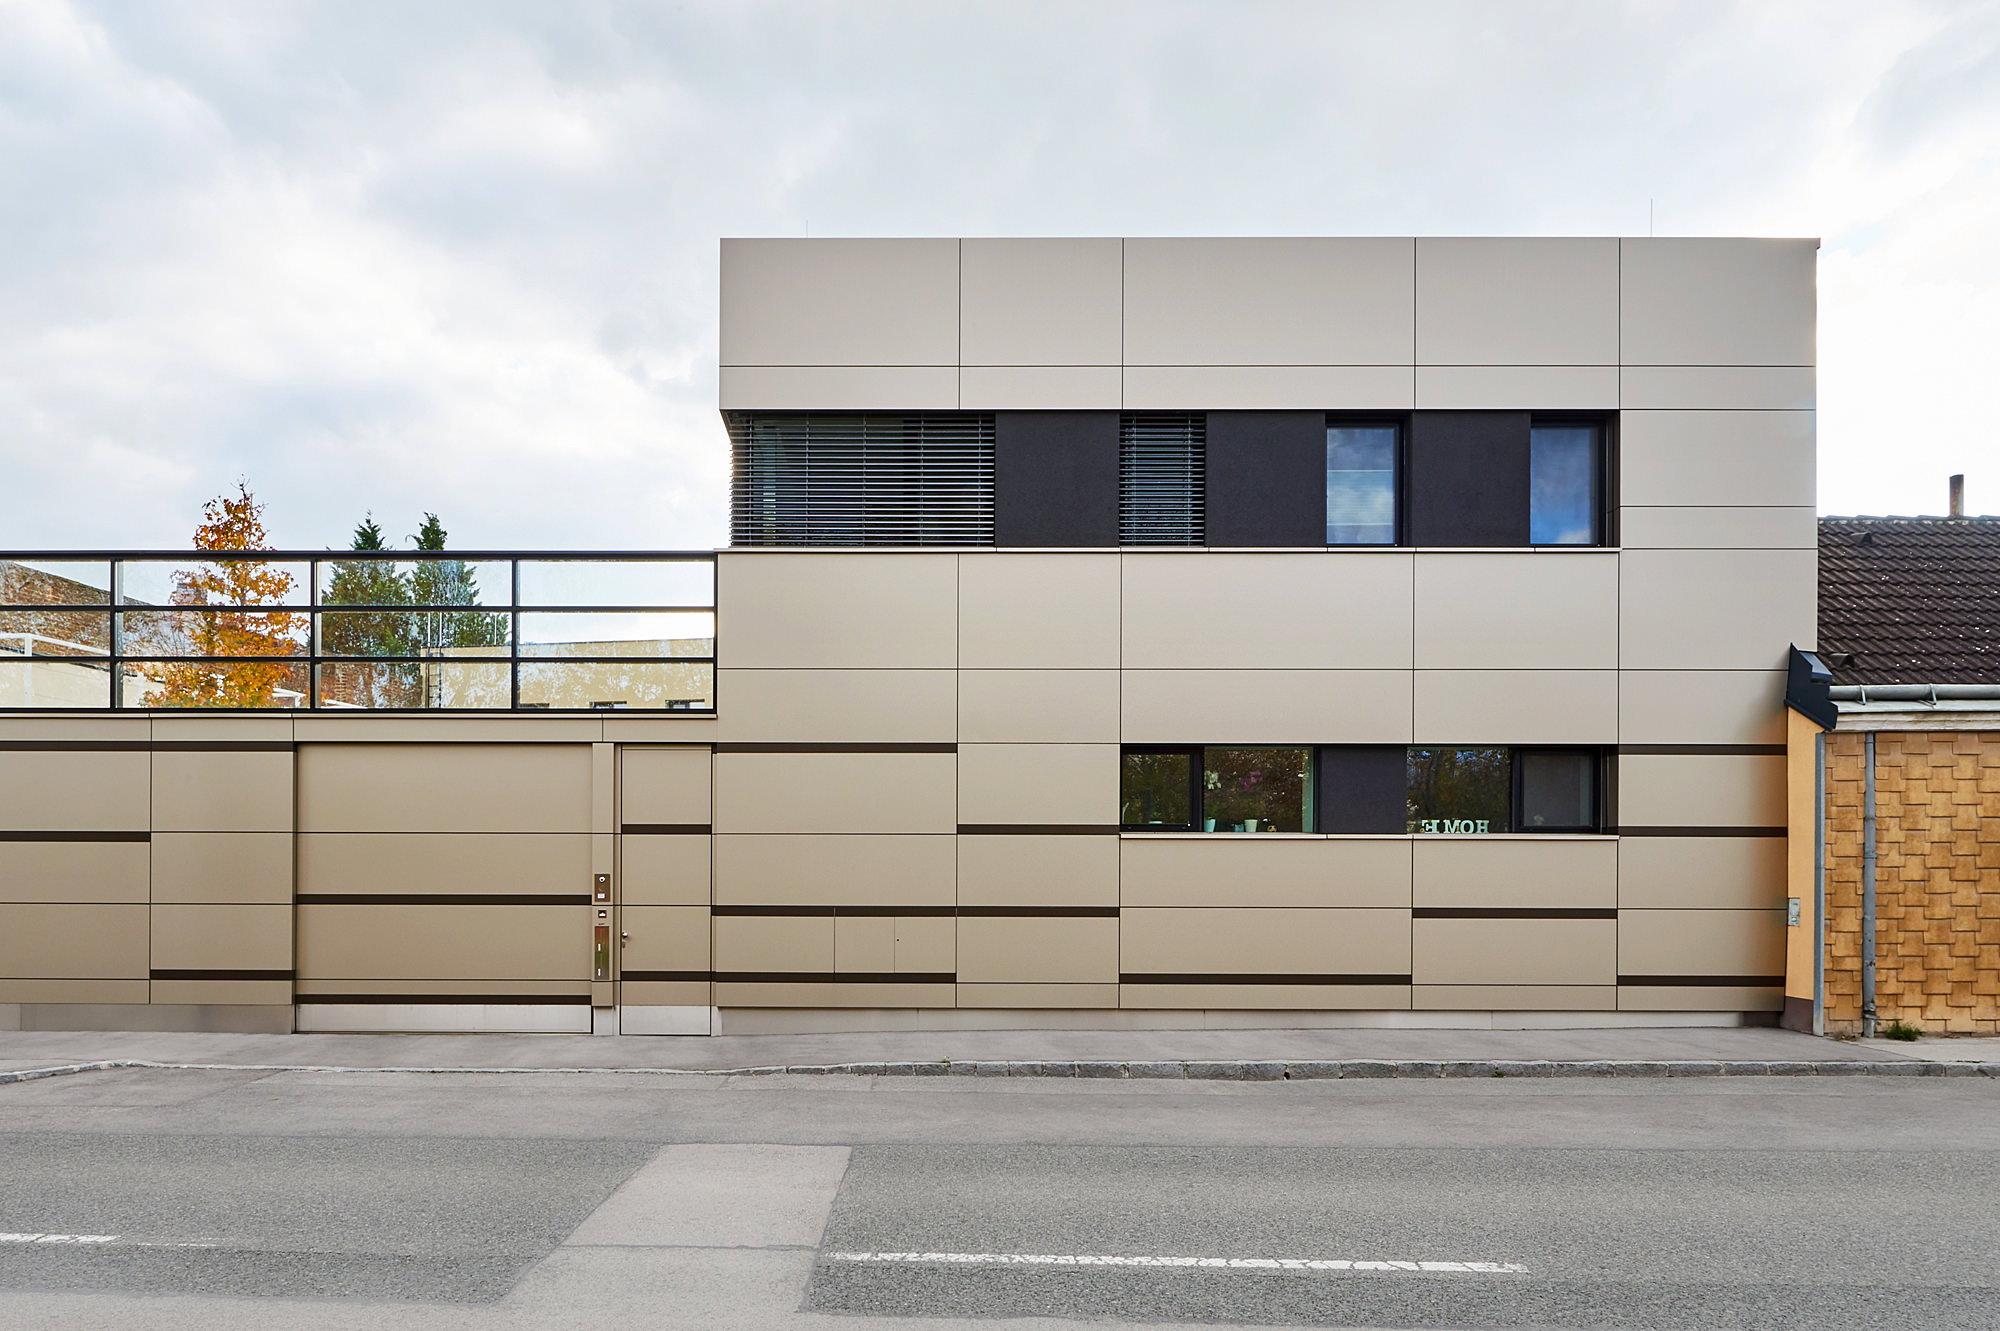 haus k 01 umbau und thermische sanierung voesendorf niederoesterreich junger beer architektur